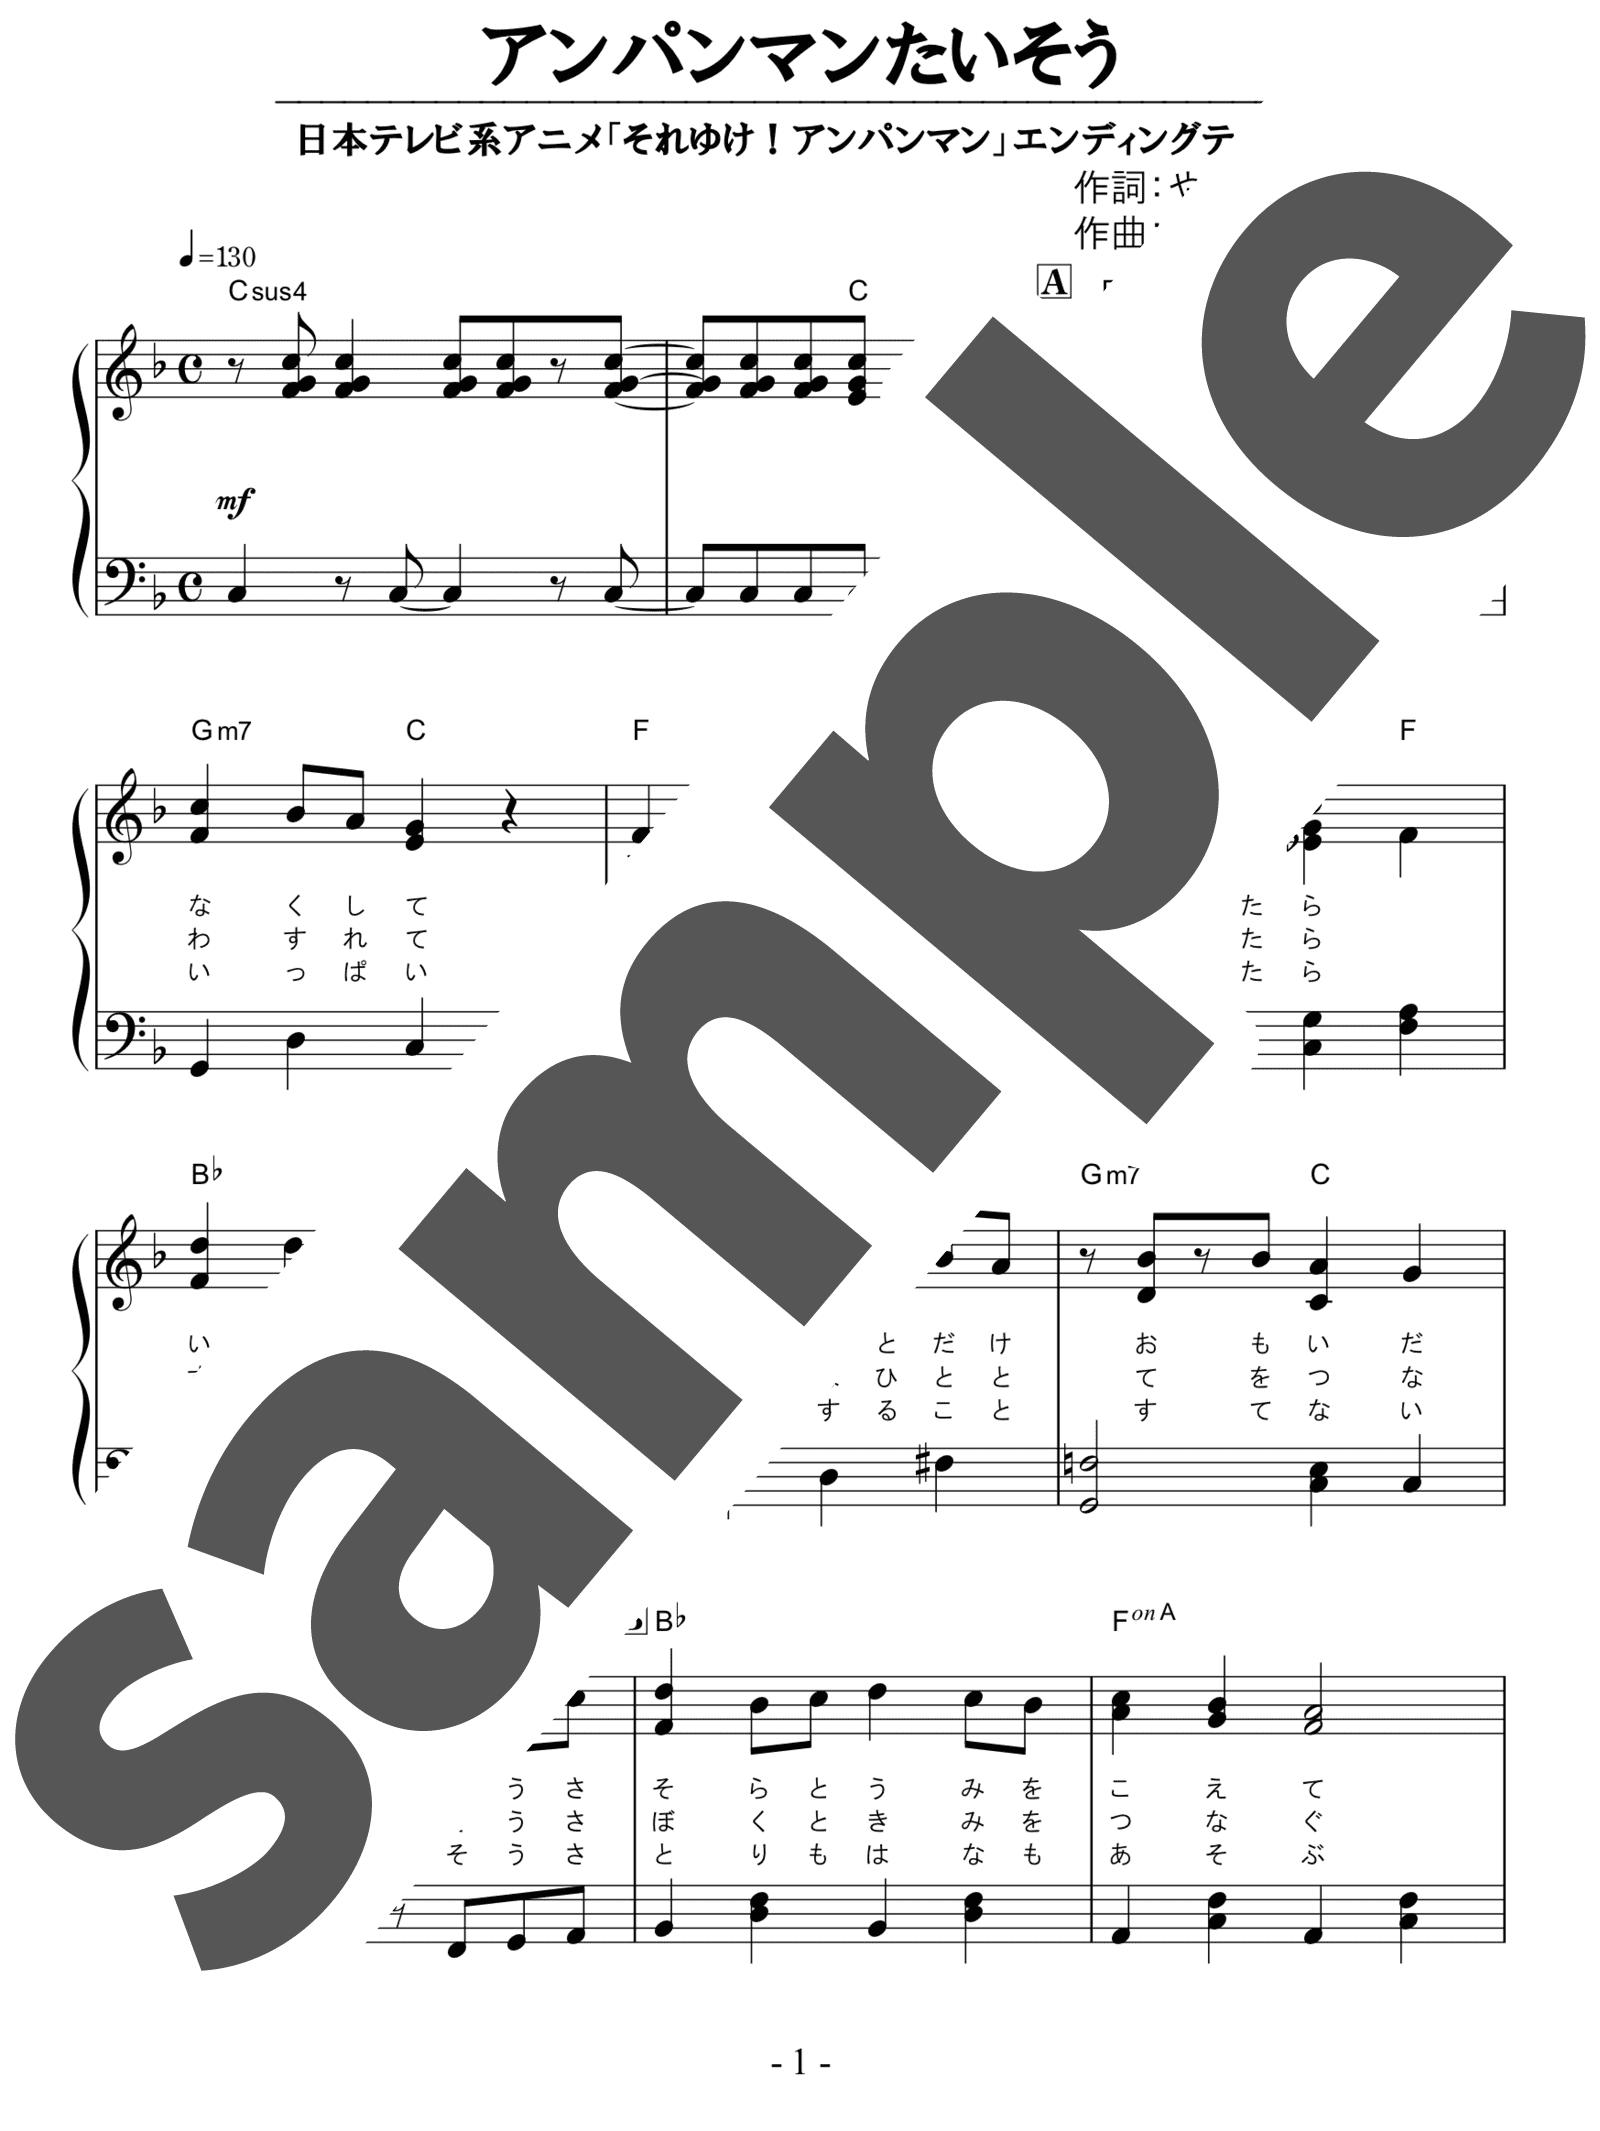 「アンパンマンたいそう」のサンプル楽譜